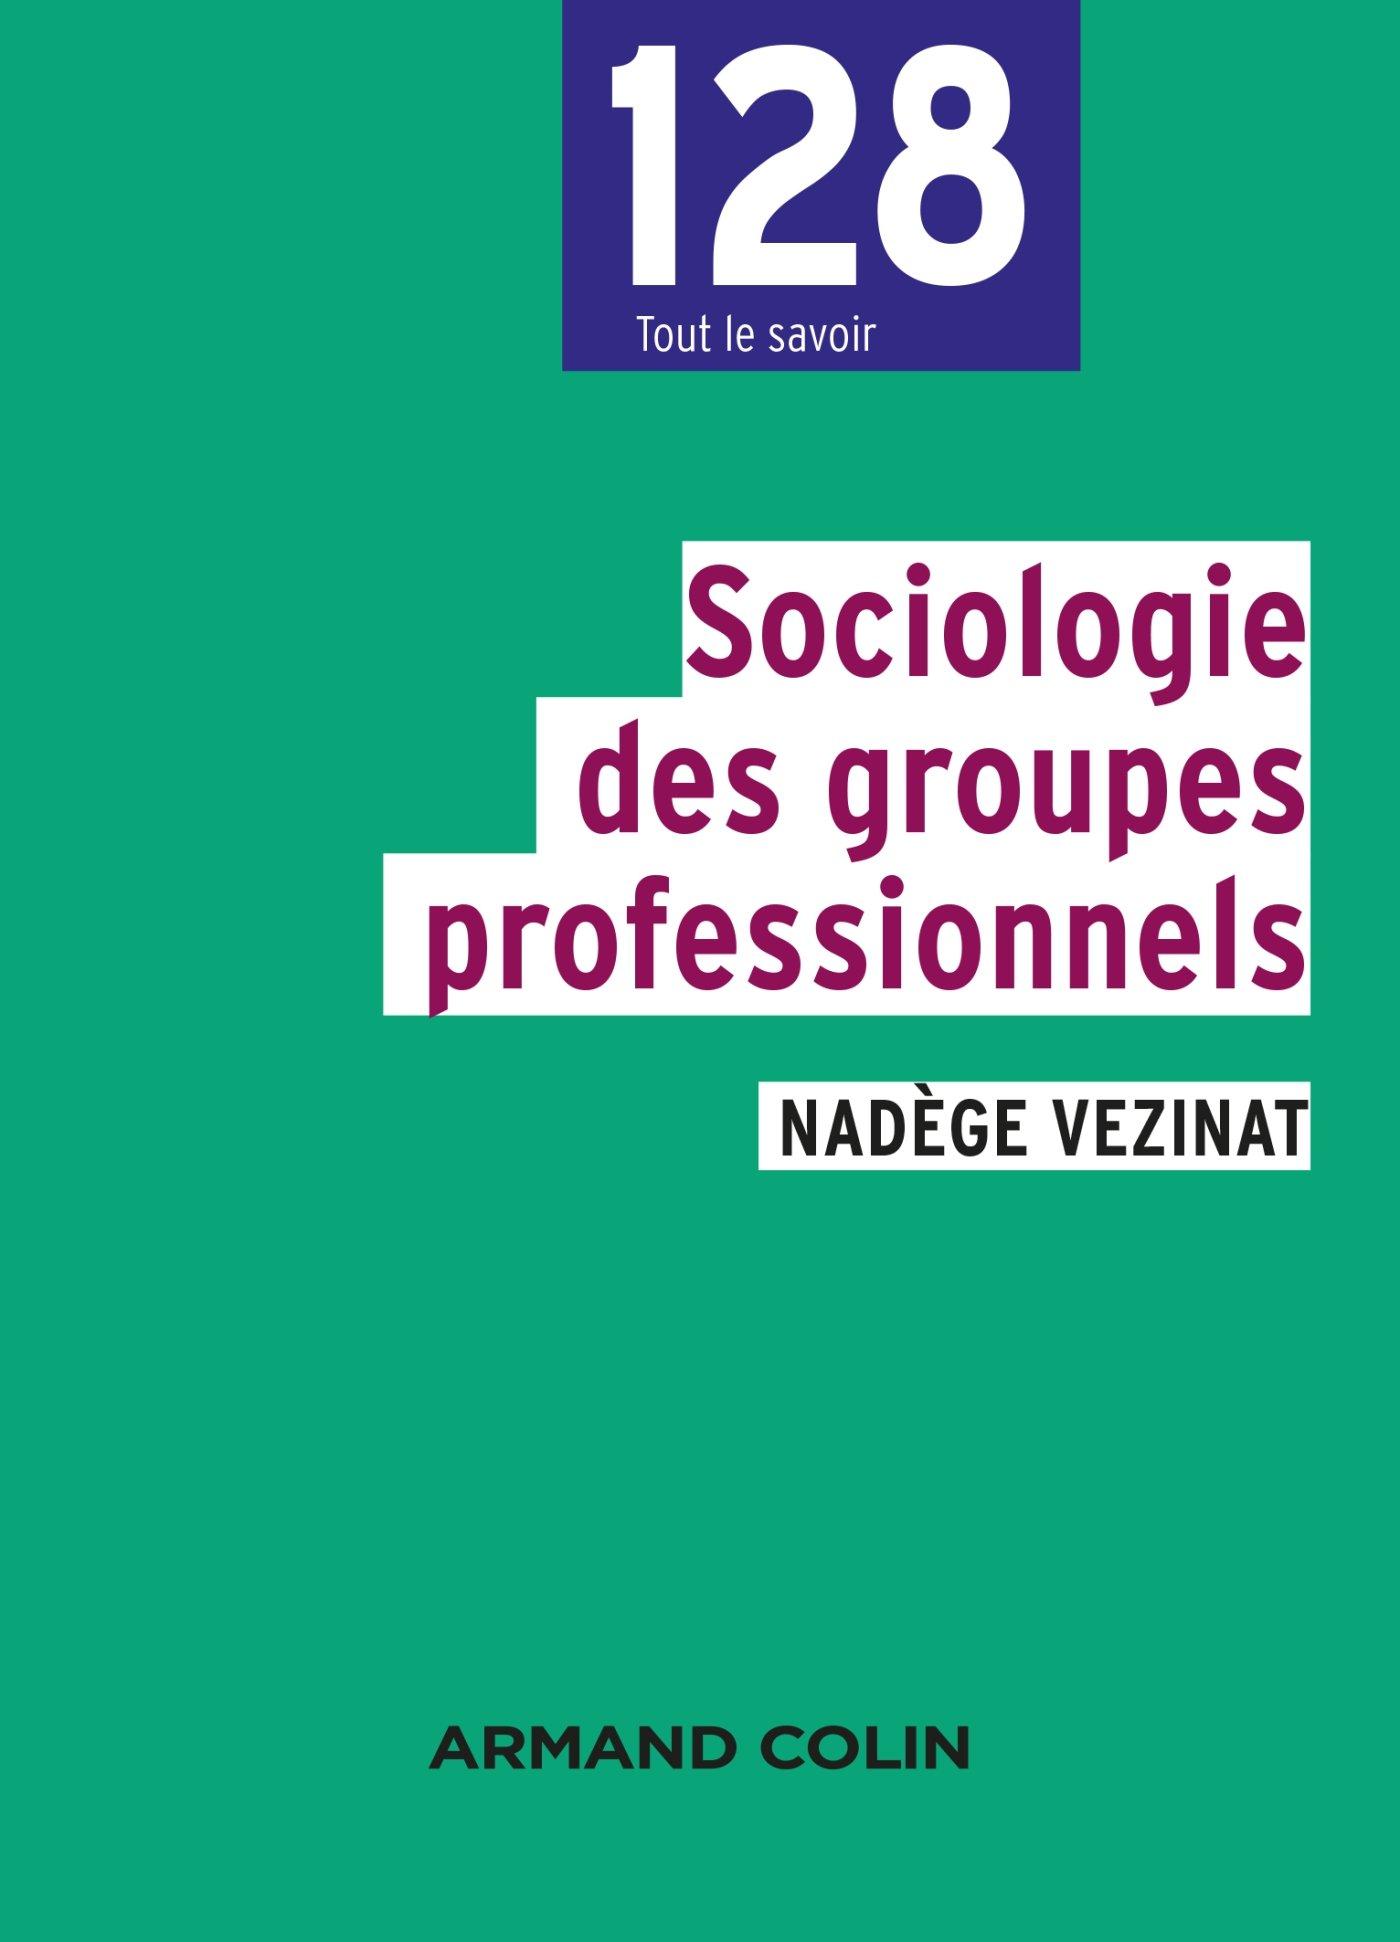 Sociologie et sites de rencontres